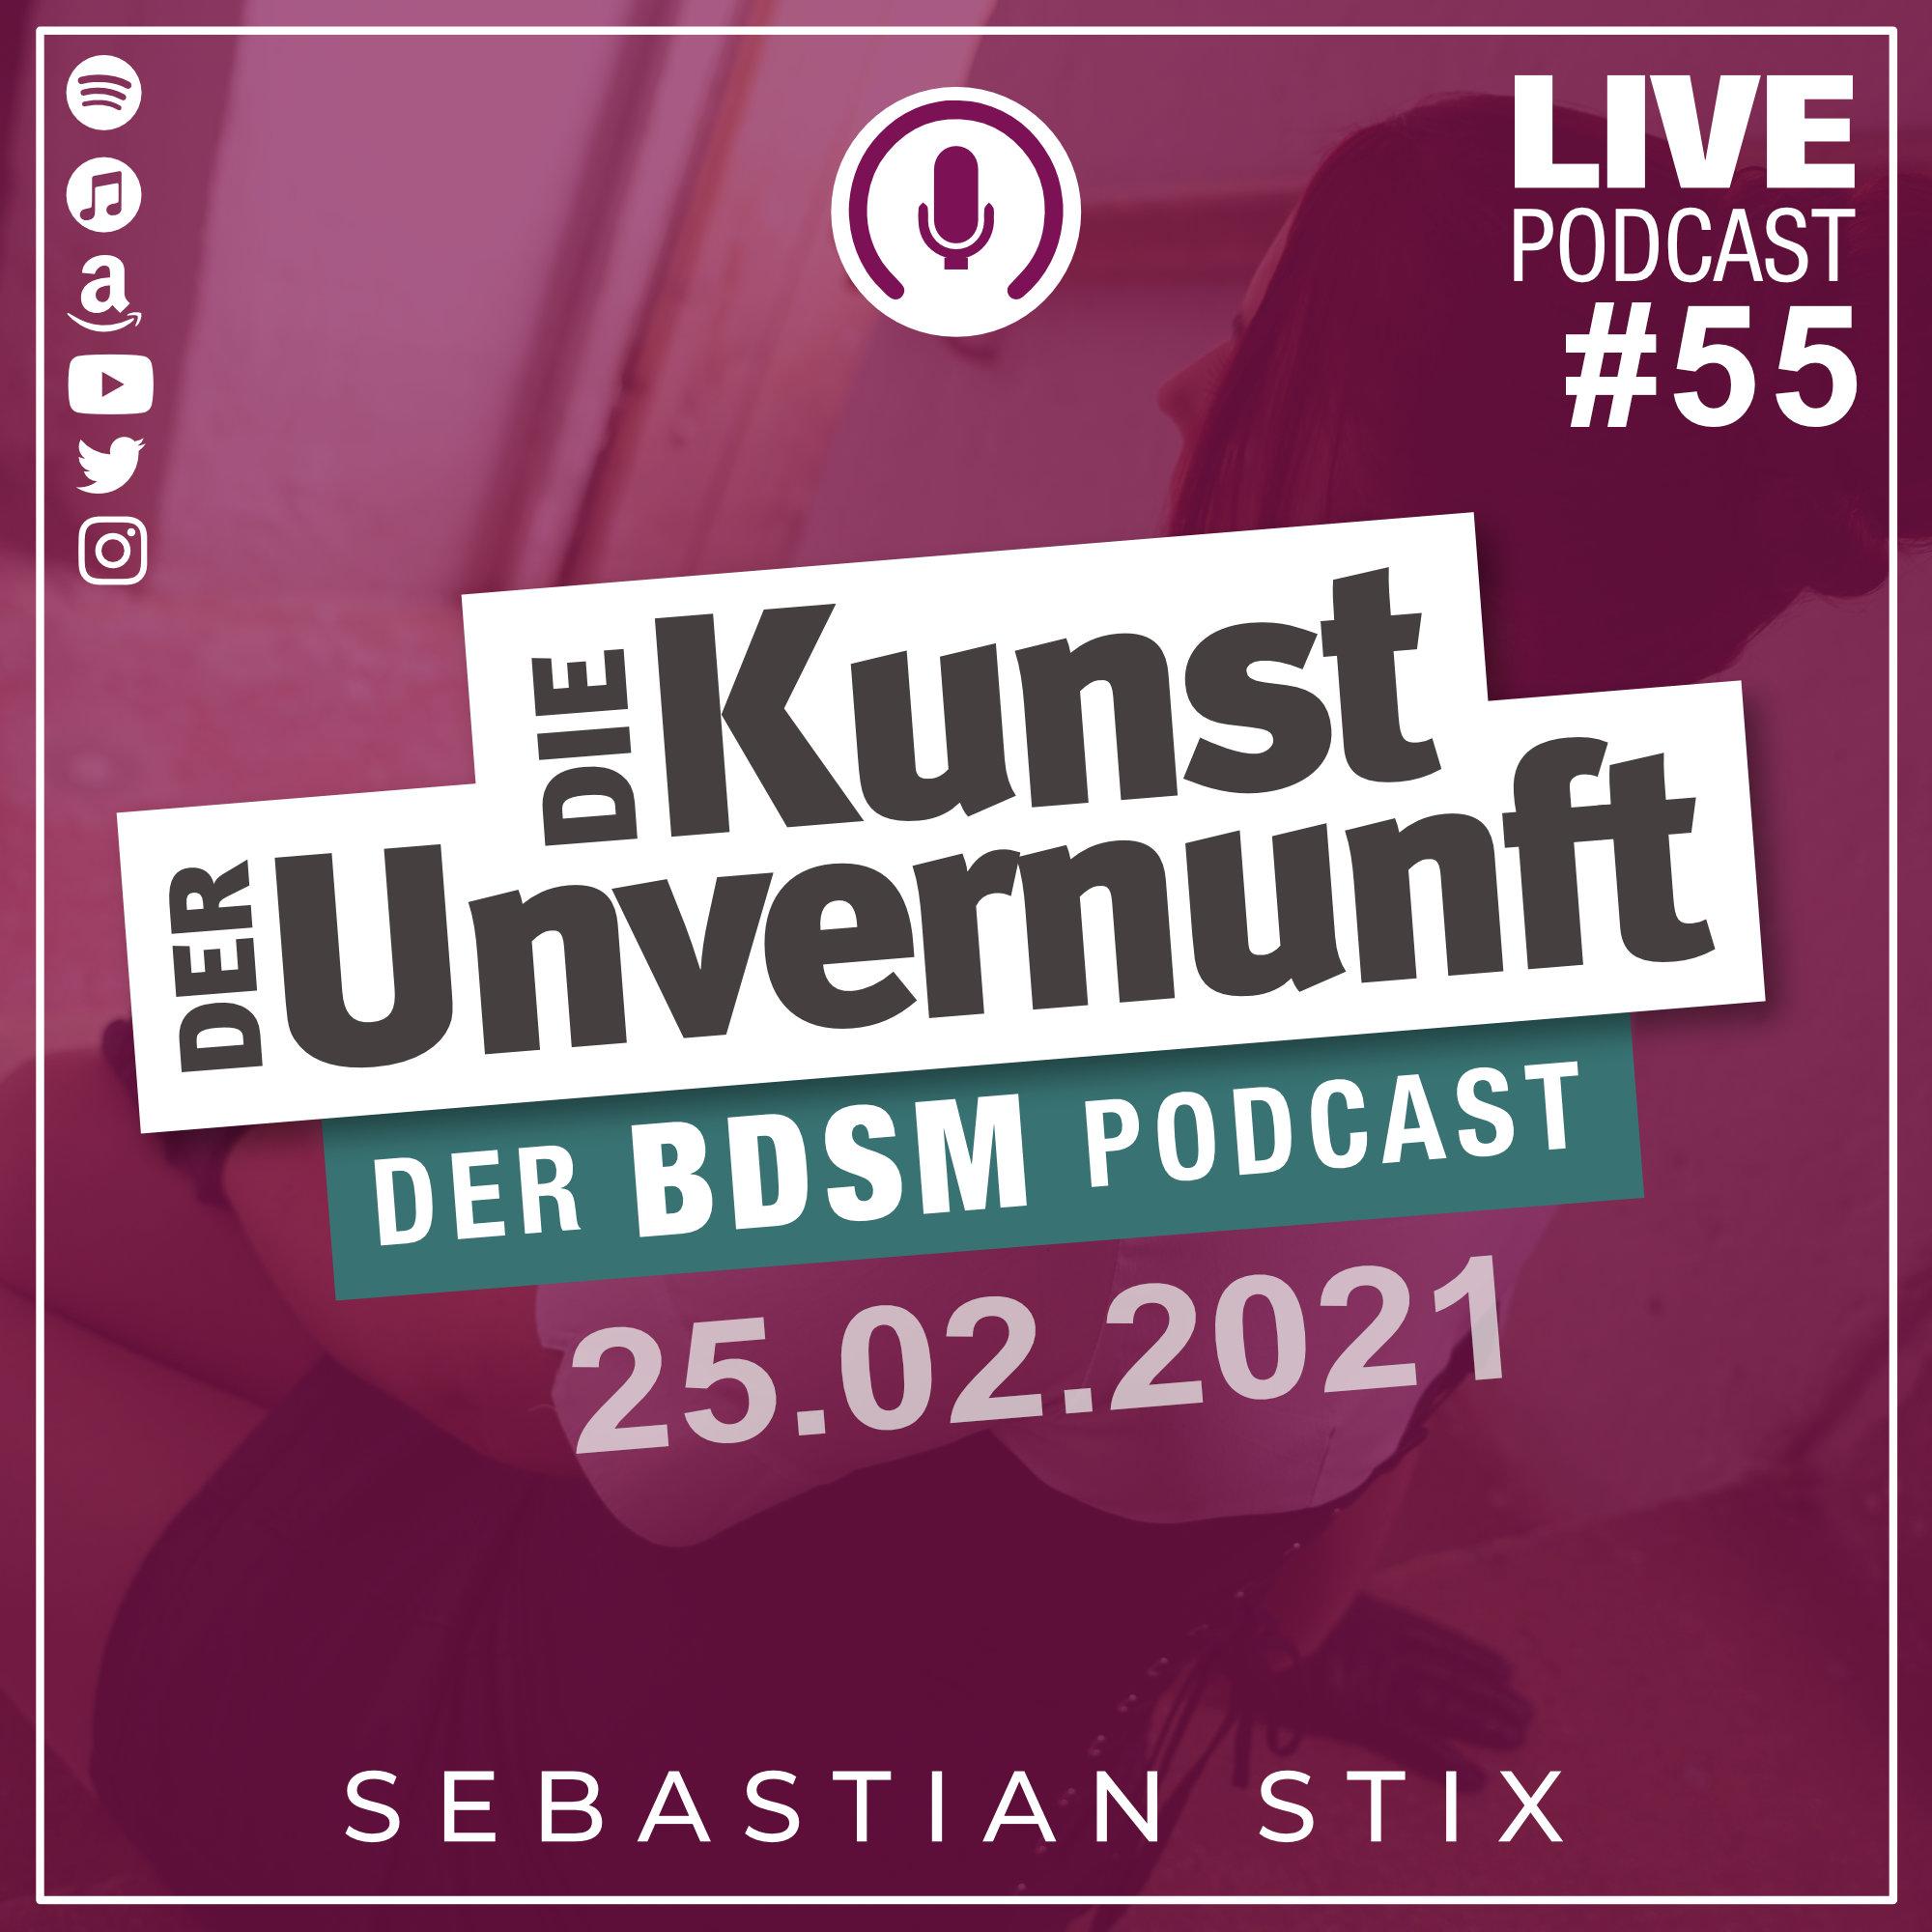 Unvernunft Live 25.02.2021 - Widerwillige Feminisierung